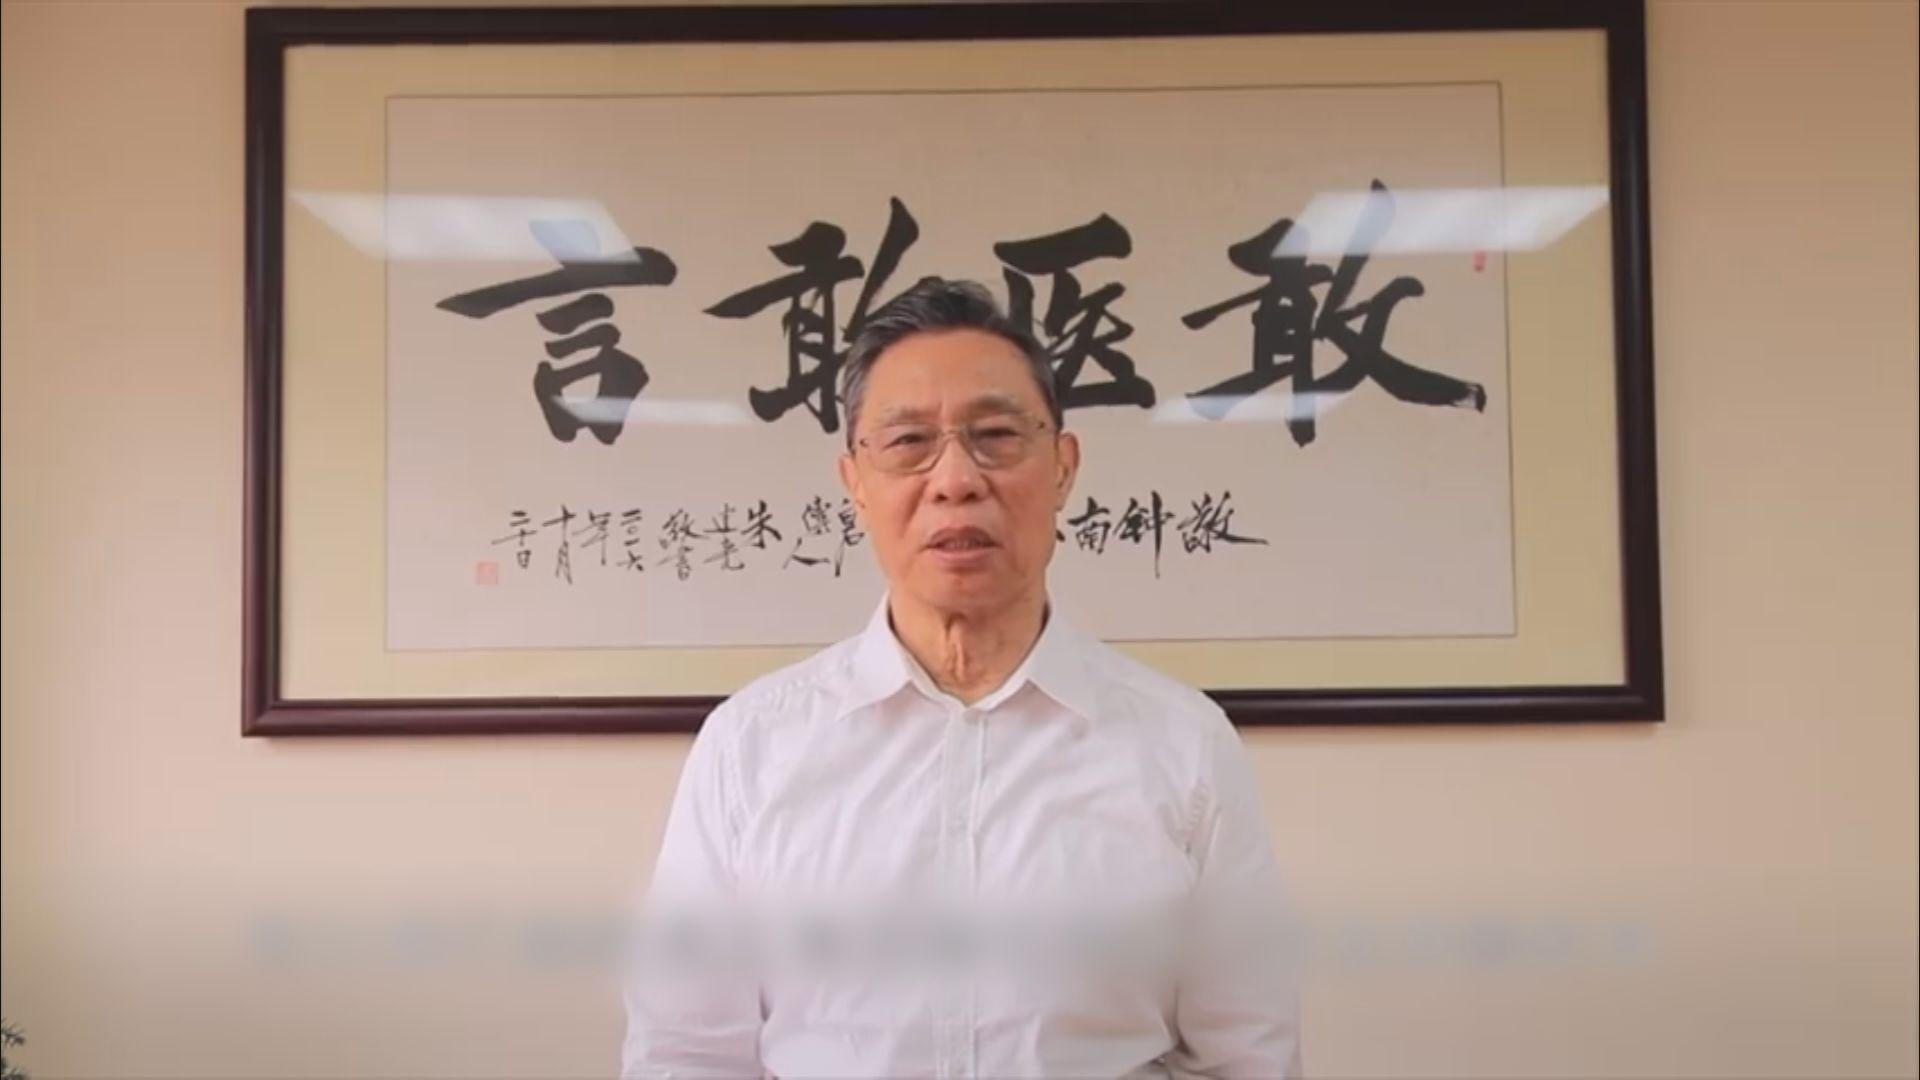 鍾南山:中國正面對爆發第二波疫情風險